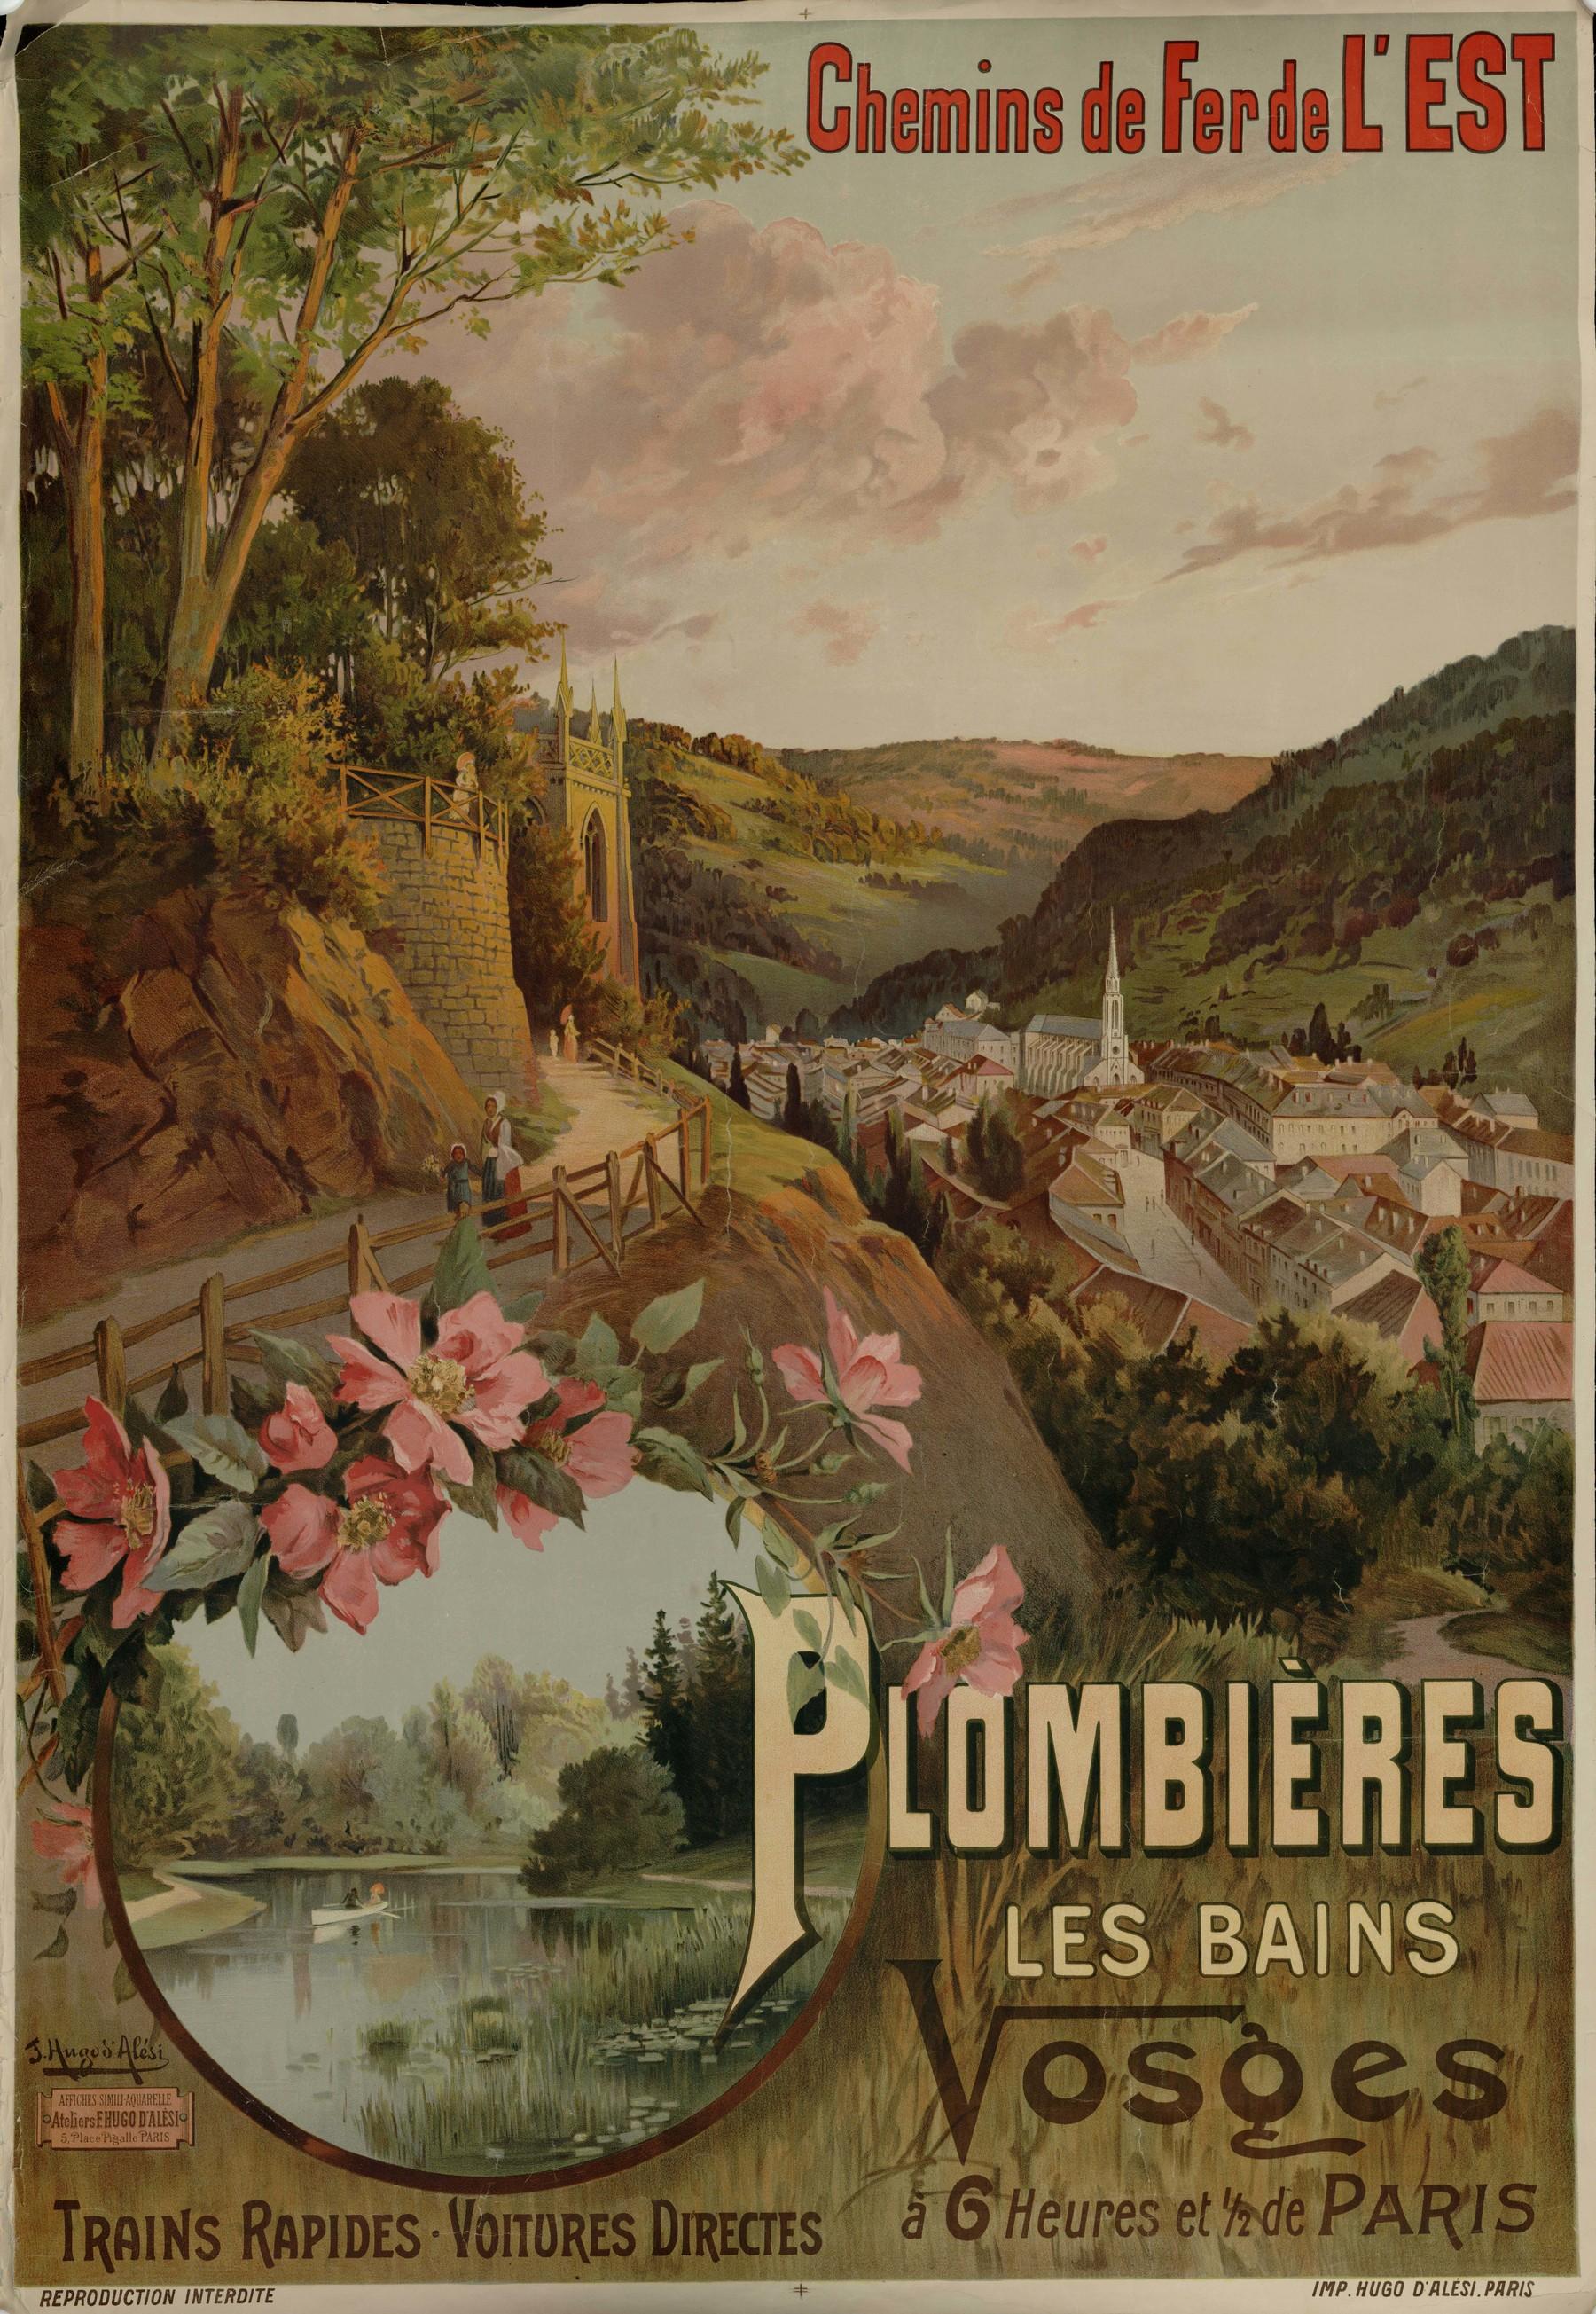 Contenu du Plombières-les-Bains